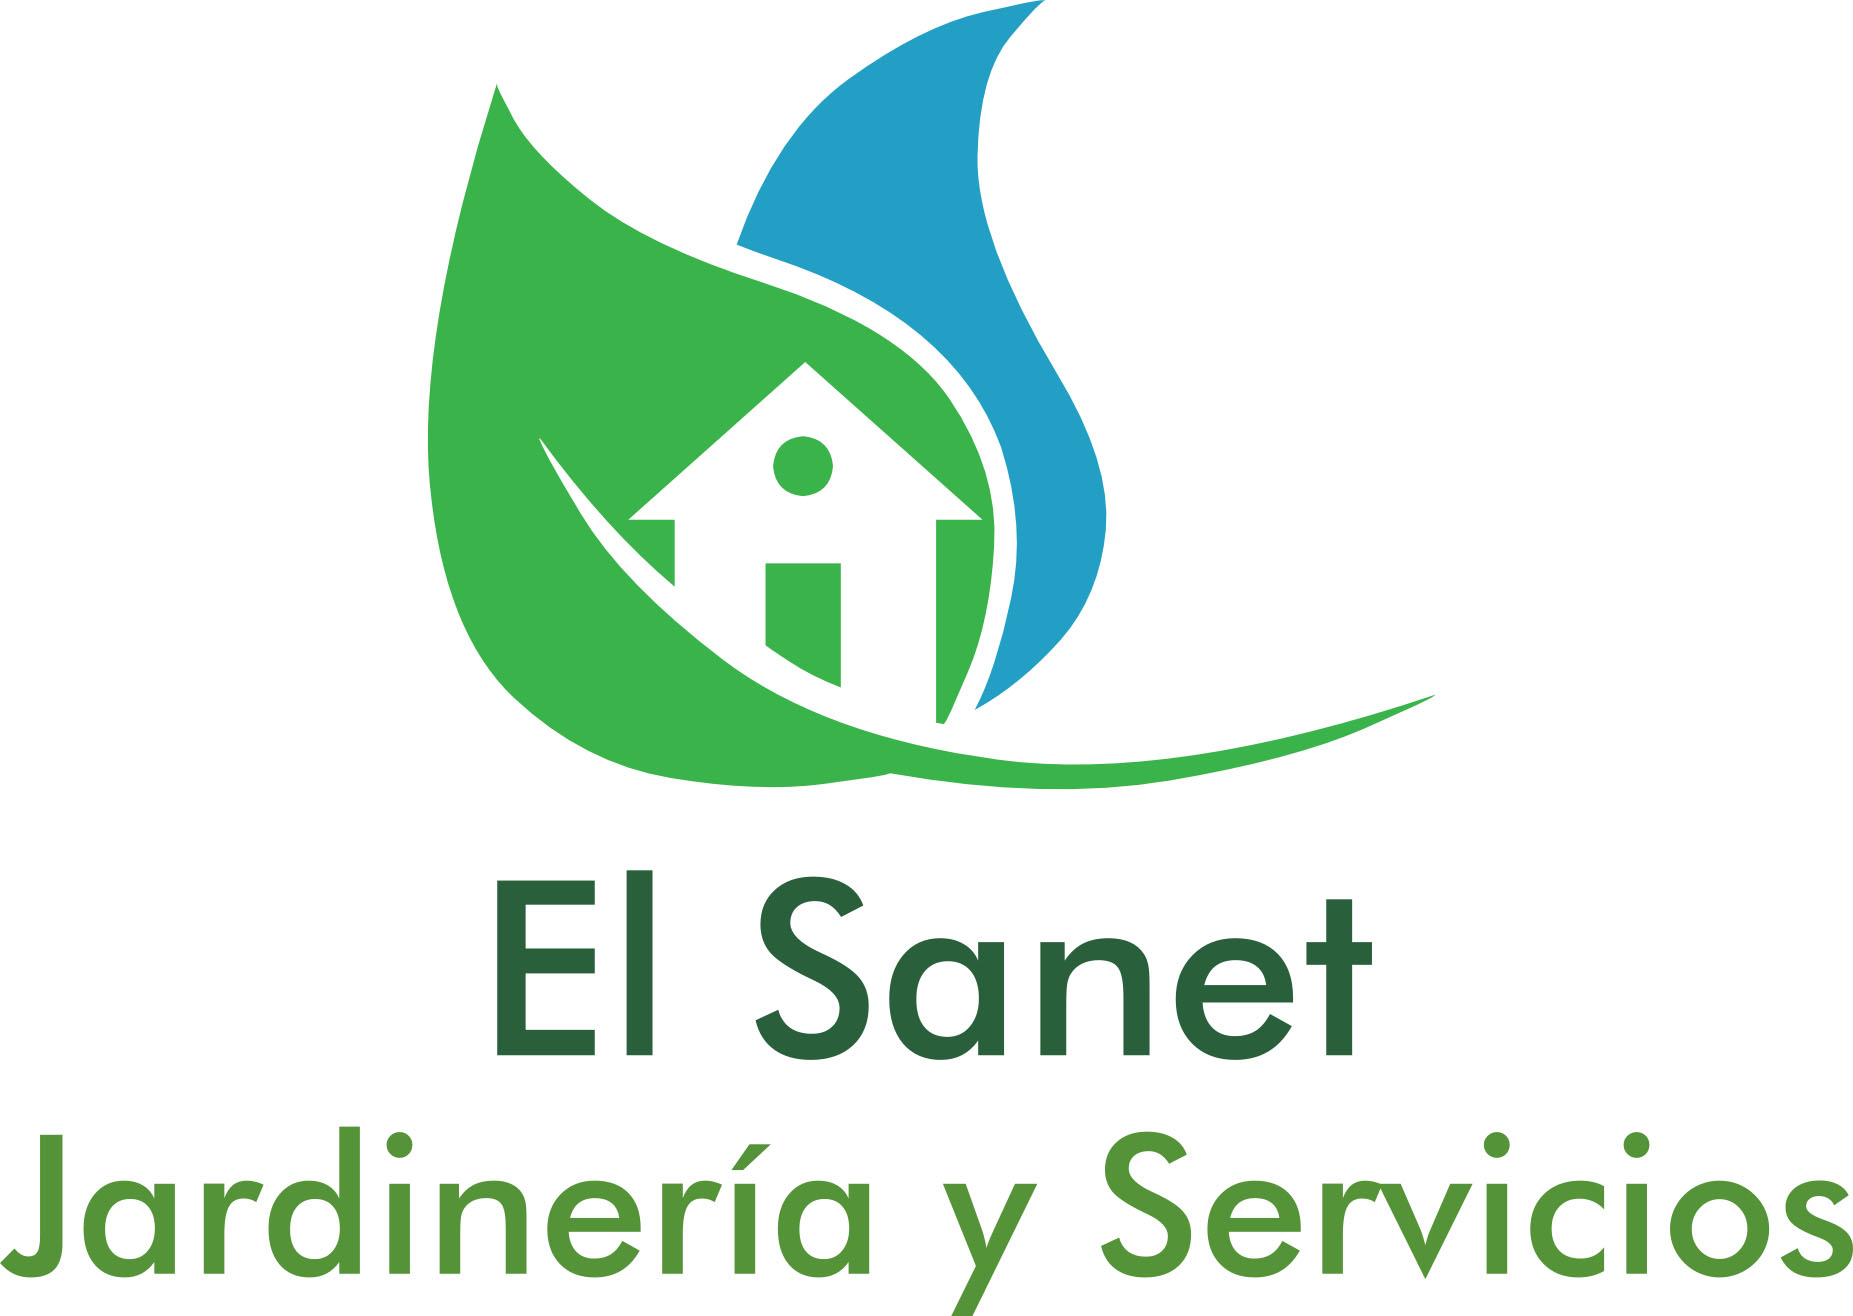 El Sanet